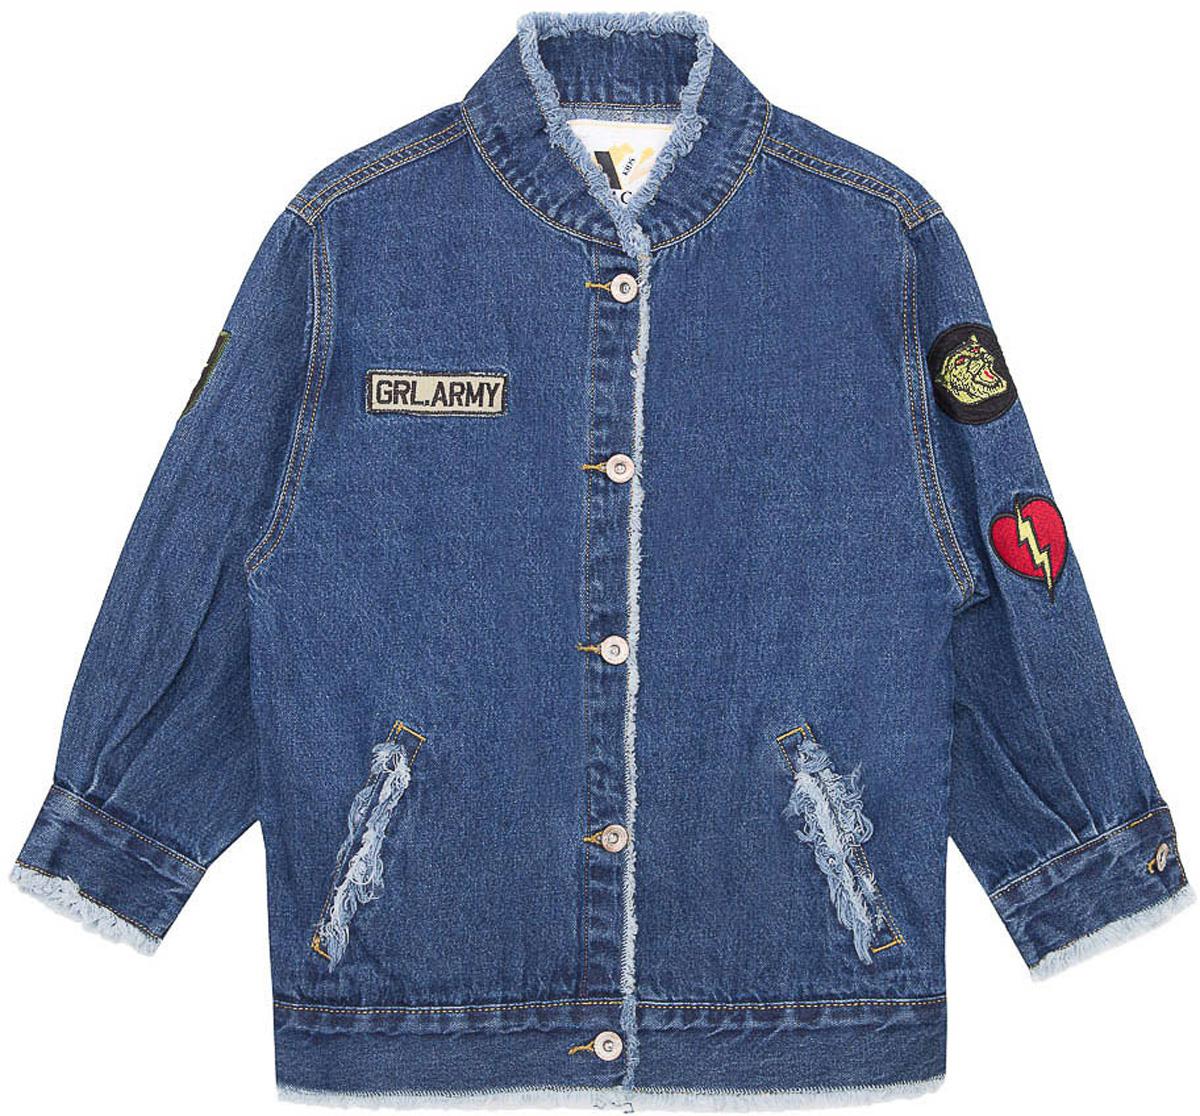 Куртка джинсовая для девочки Vitacci, цвет: синий. 2171204-04. Размер 1642171204-04Модная джинсовая куртка для девочки Vitacci идеально подойдет вашей маленькой принцессе. Изготовлена из хлопка с добавлением спандекса. Модель с длинными рукавами застегивается на металлические пуговицы. Манжеты на рукавах также застегиваются на пуговицы. Низ изделия дополнен двумя прорезными кармашками. Изделие декорировано шевронами.Современный дизайн и модная расцветка делают эту куртку стильным предметом детского гардероба. В ней юная модница всегда будет в центре внимания!